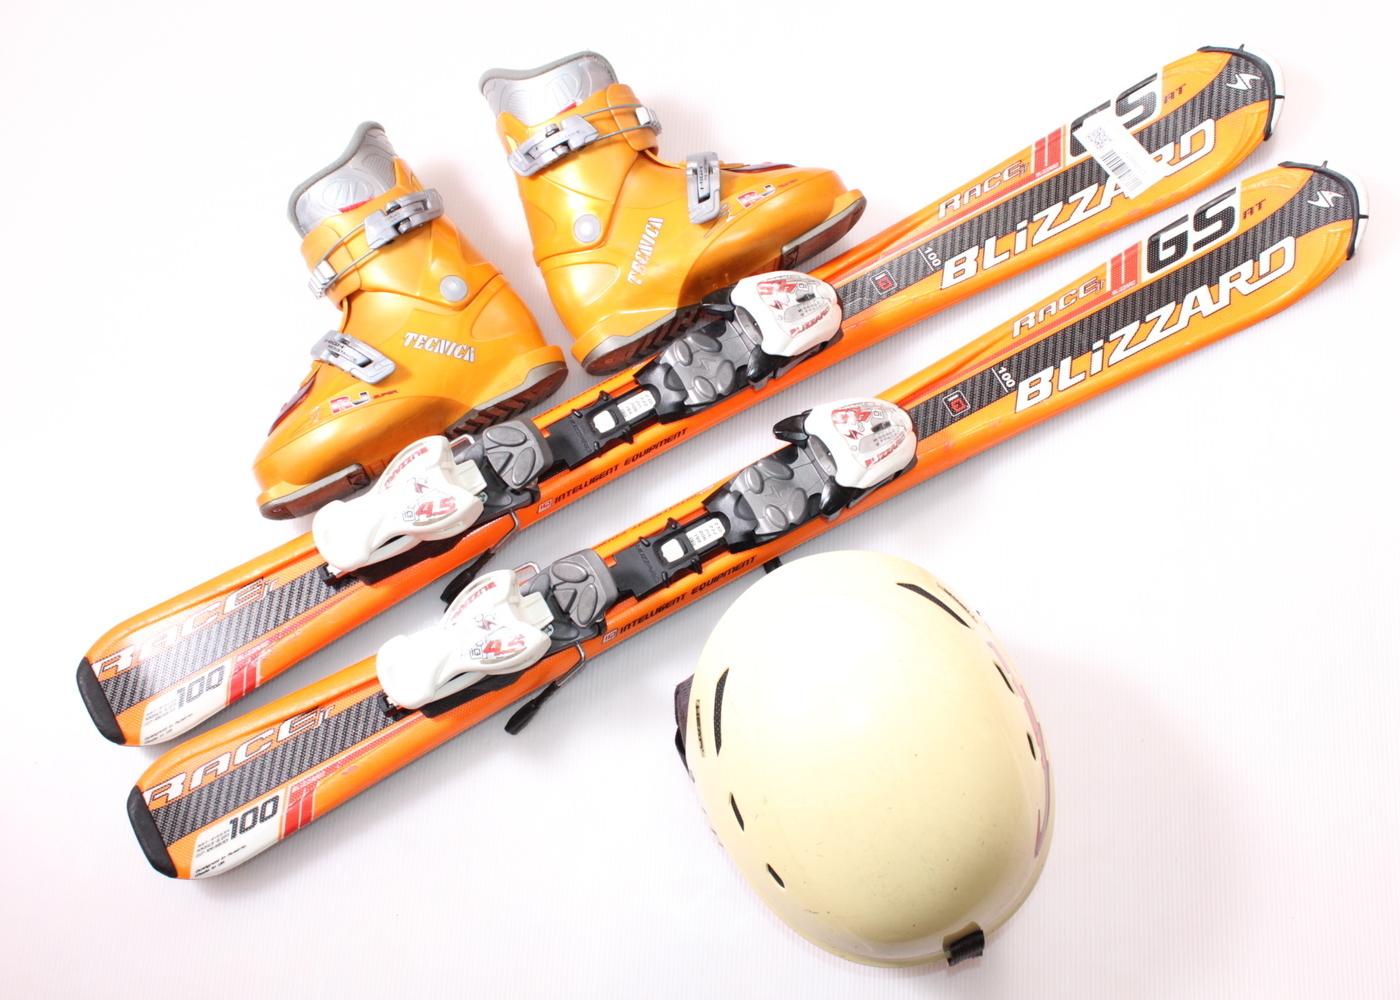 Dětské lyže BLIZZARD GS RACE 100 cm + lyžáky  31EU + helma